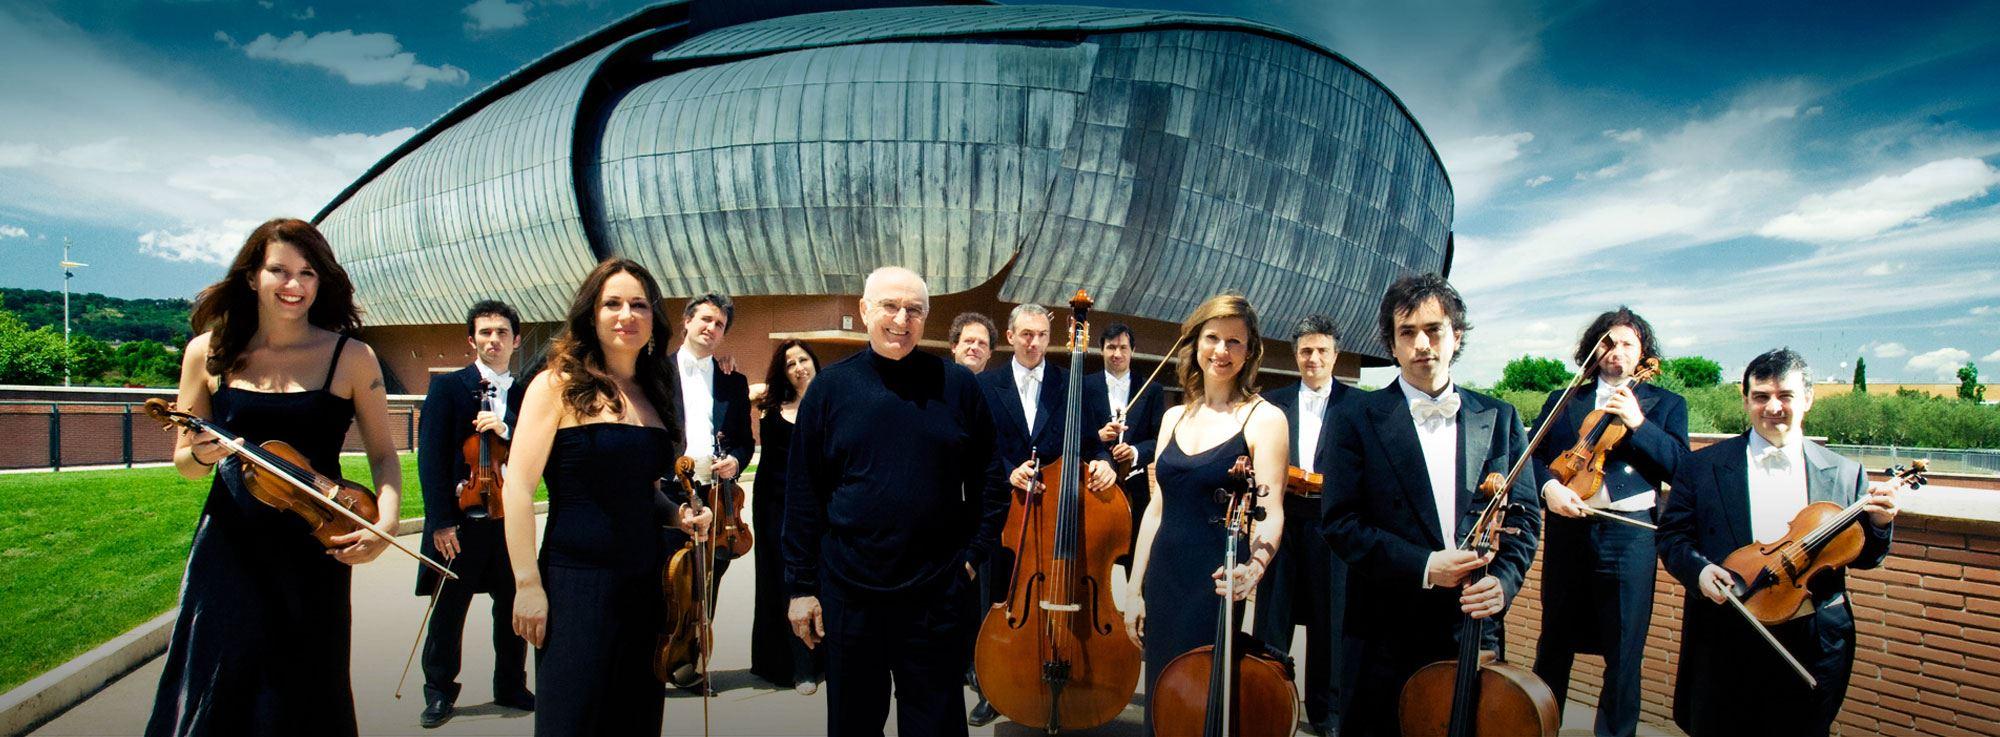 Barletta: Accardo e l'Orchestra da Camera Italiana